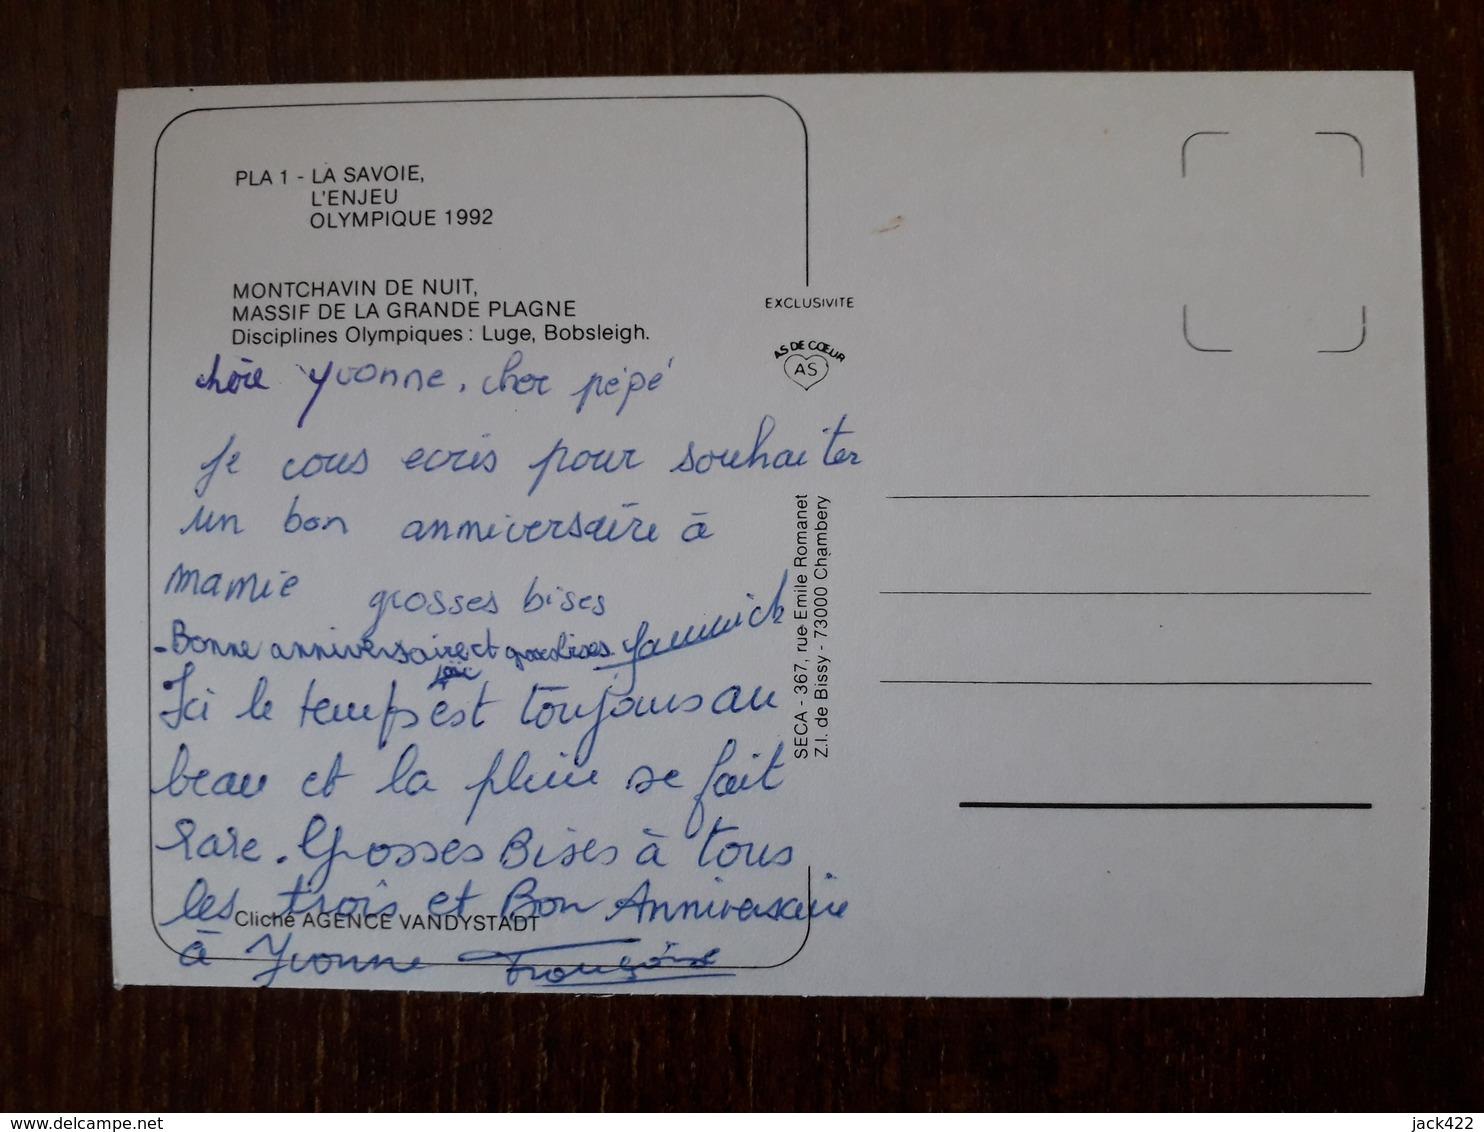 L21/913  MONTCHAVIN DE NUIT - MASSIF DE LA GRANDE PLAGNE - DISCIPLINES OLYMPIQUES LUGE , BOBSLEIGH - France